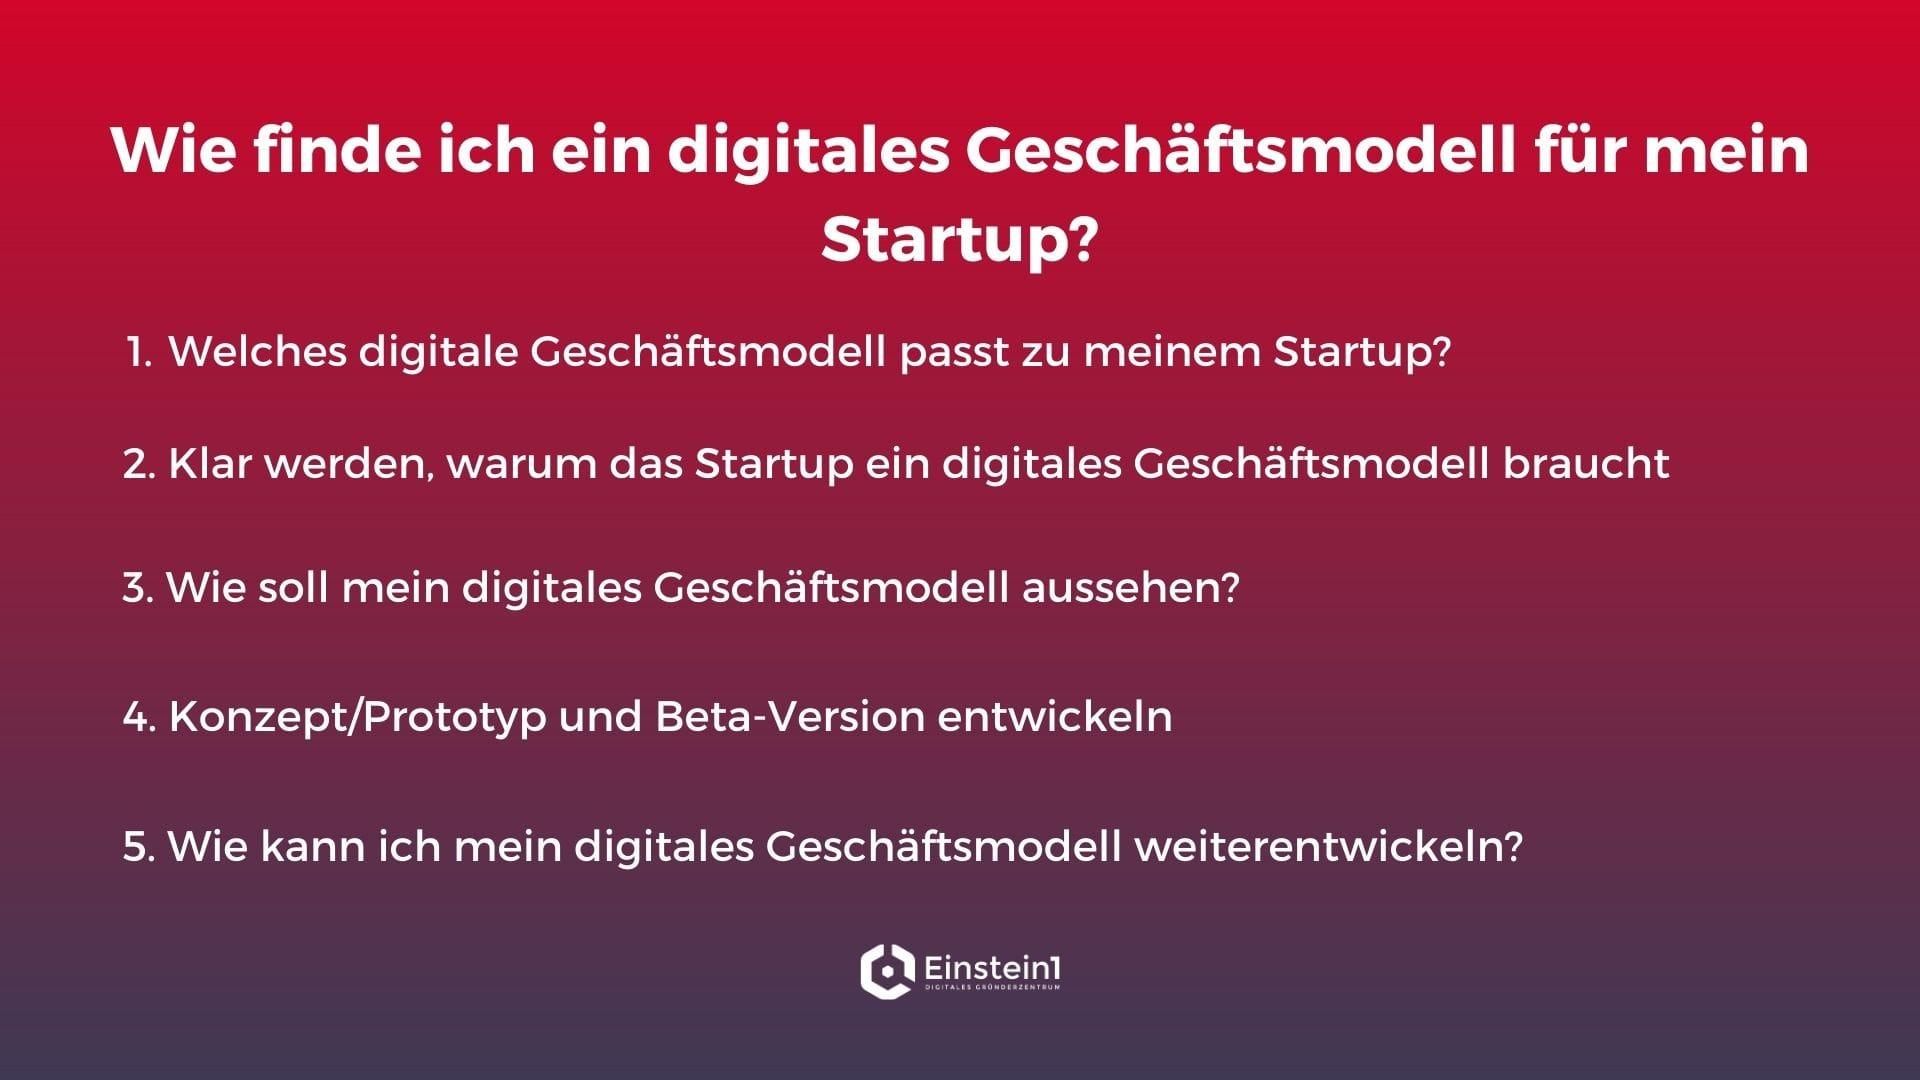 Wie-finde-ich-ein-digitales-Geschäftsmodell